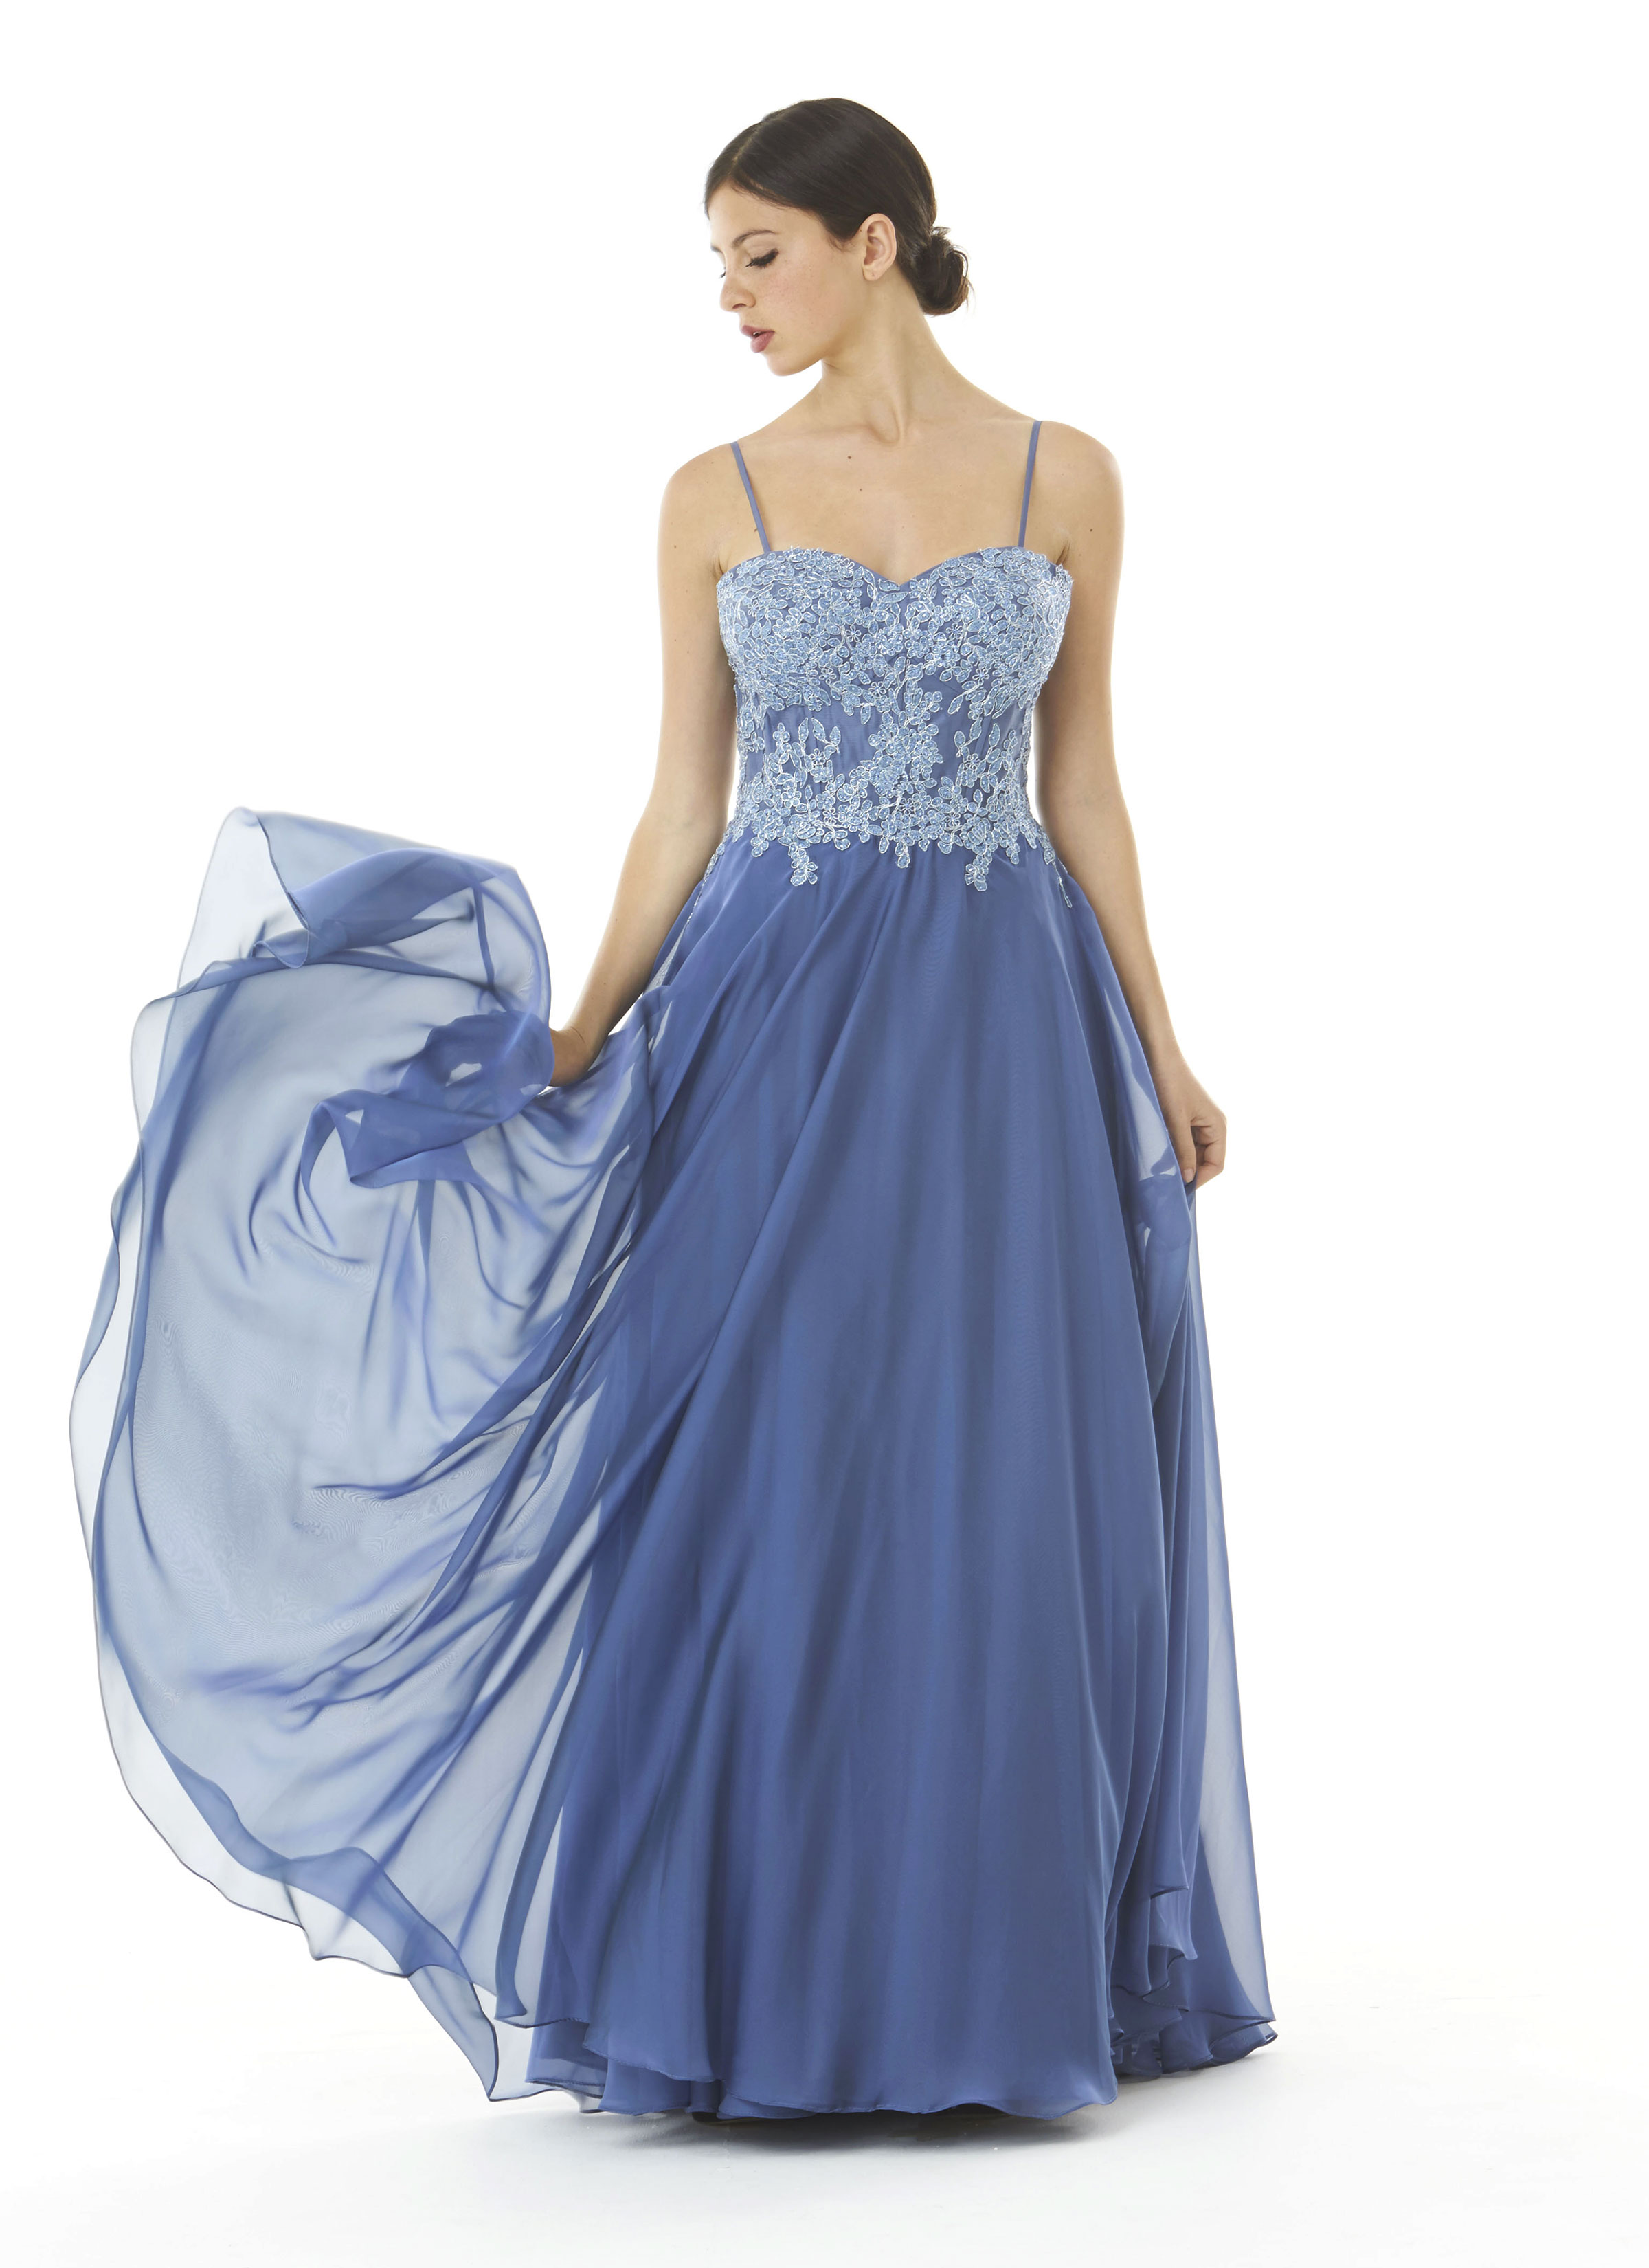 Trucco Matrimonio Abito Azzurro : Trucco cerimonia abito azzurro abiti da sposa